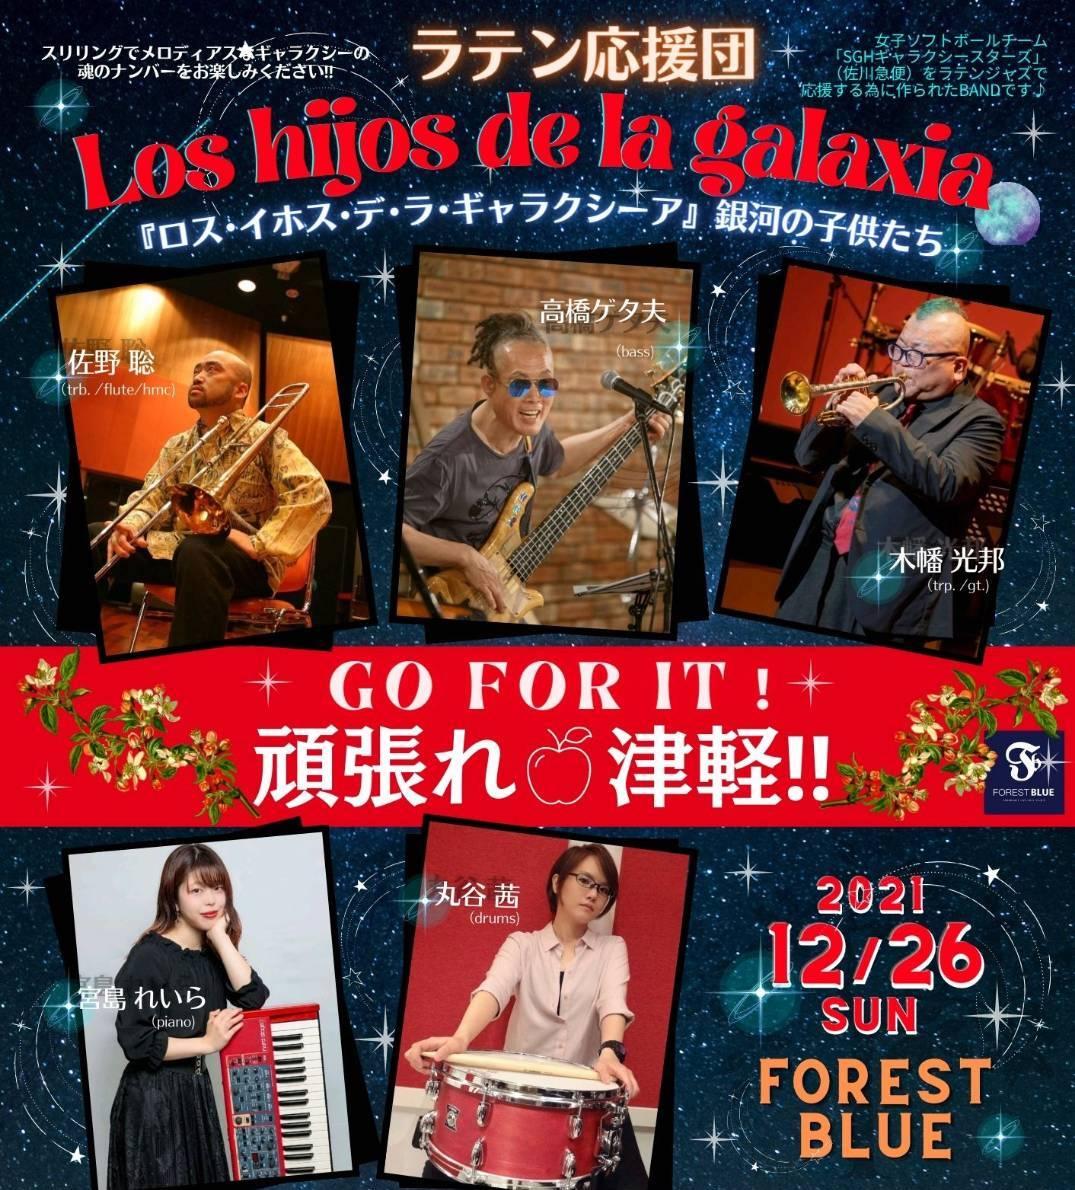 FOREST BLUE五所川原市のライブホールスタジオ・レストラン 26266